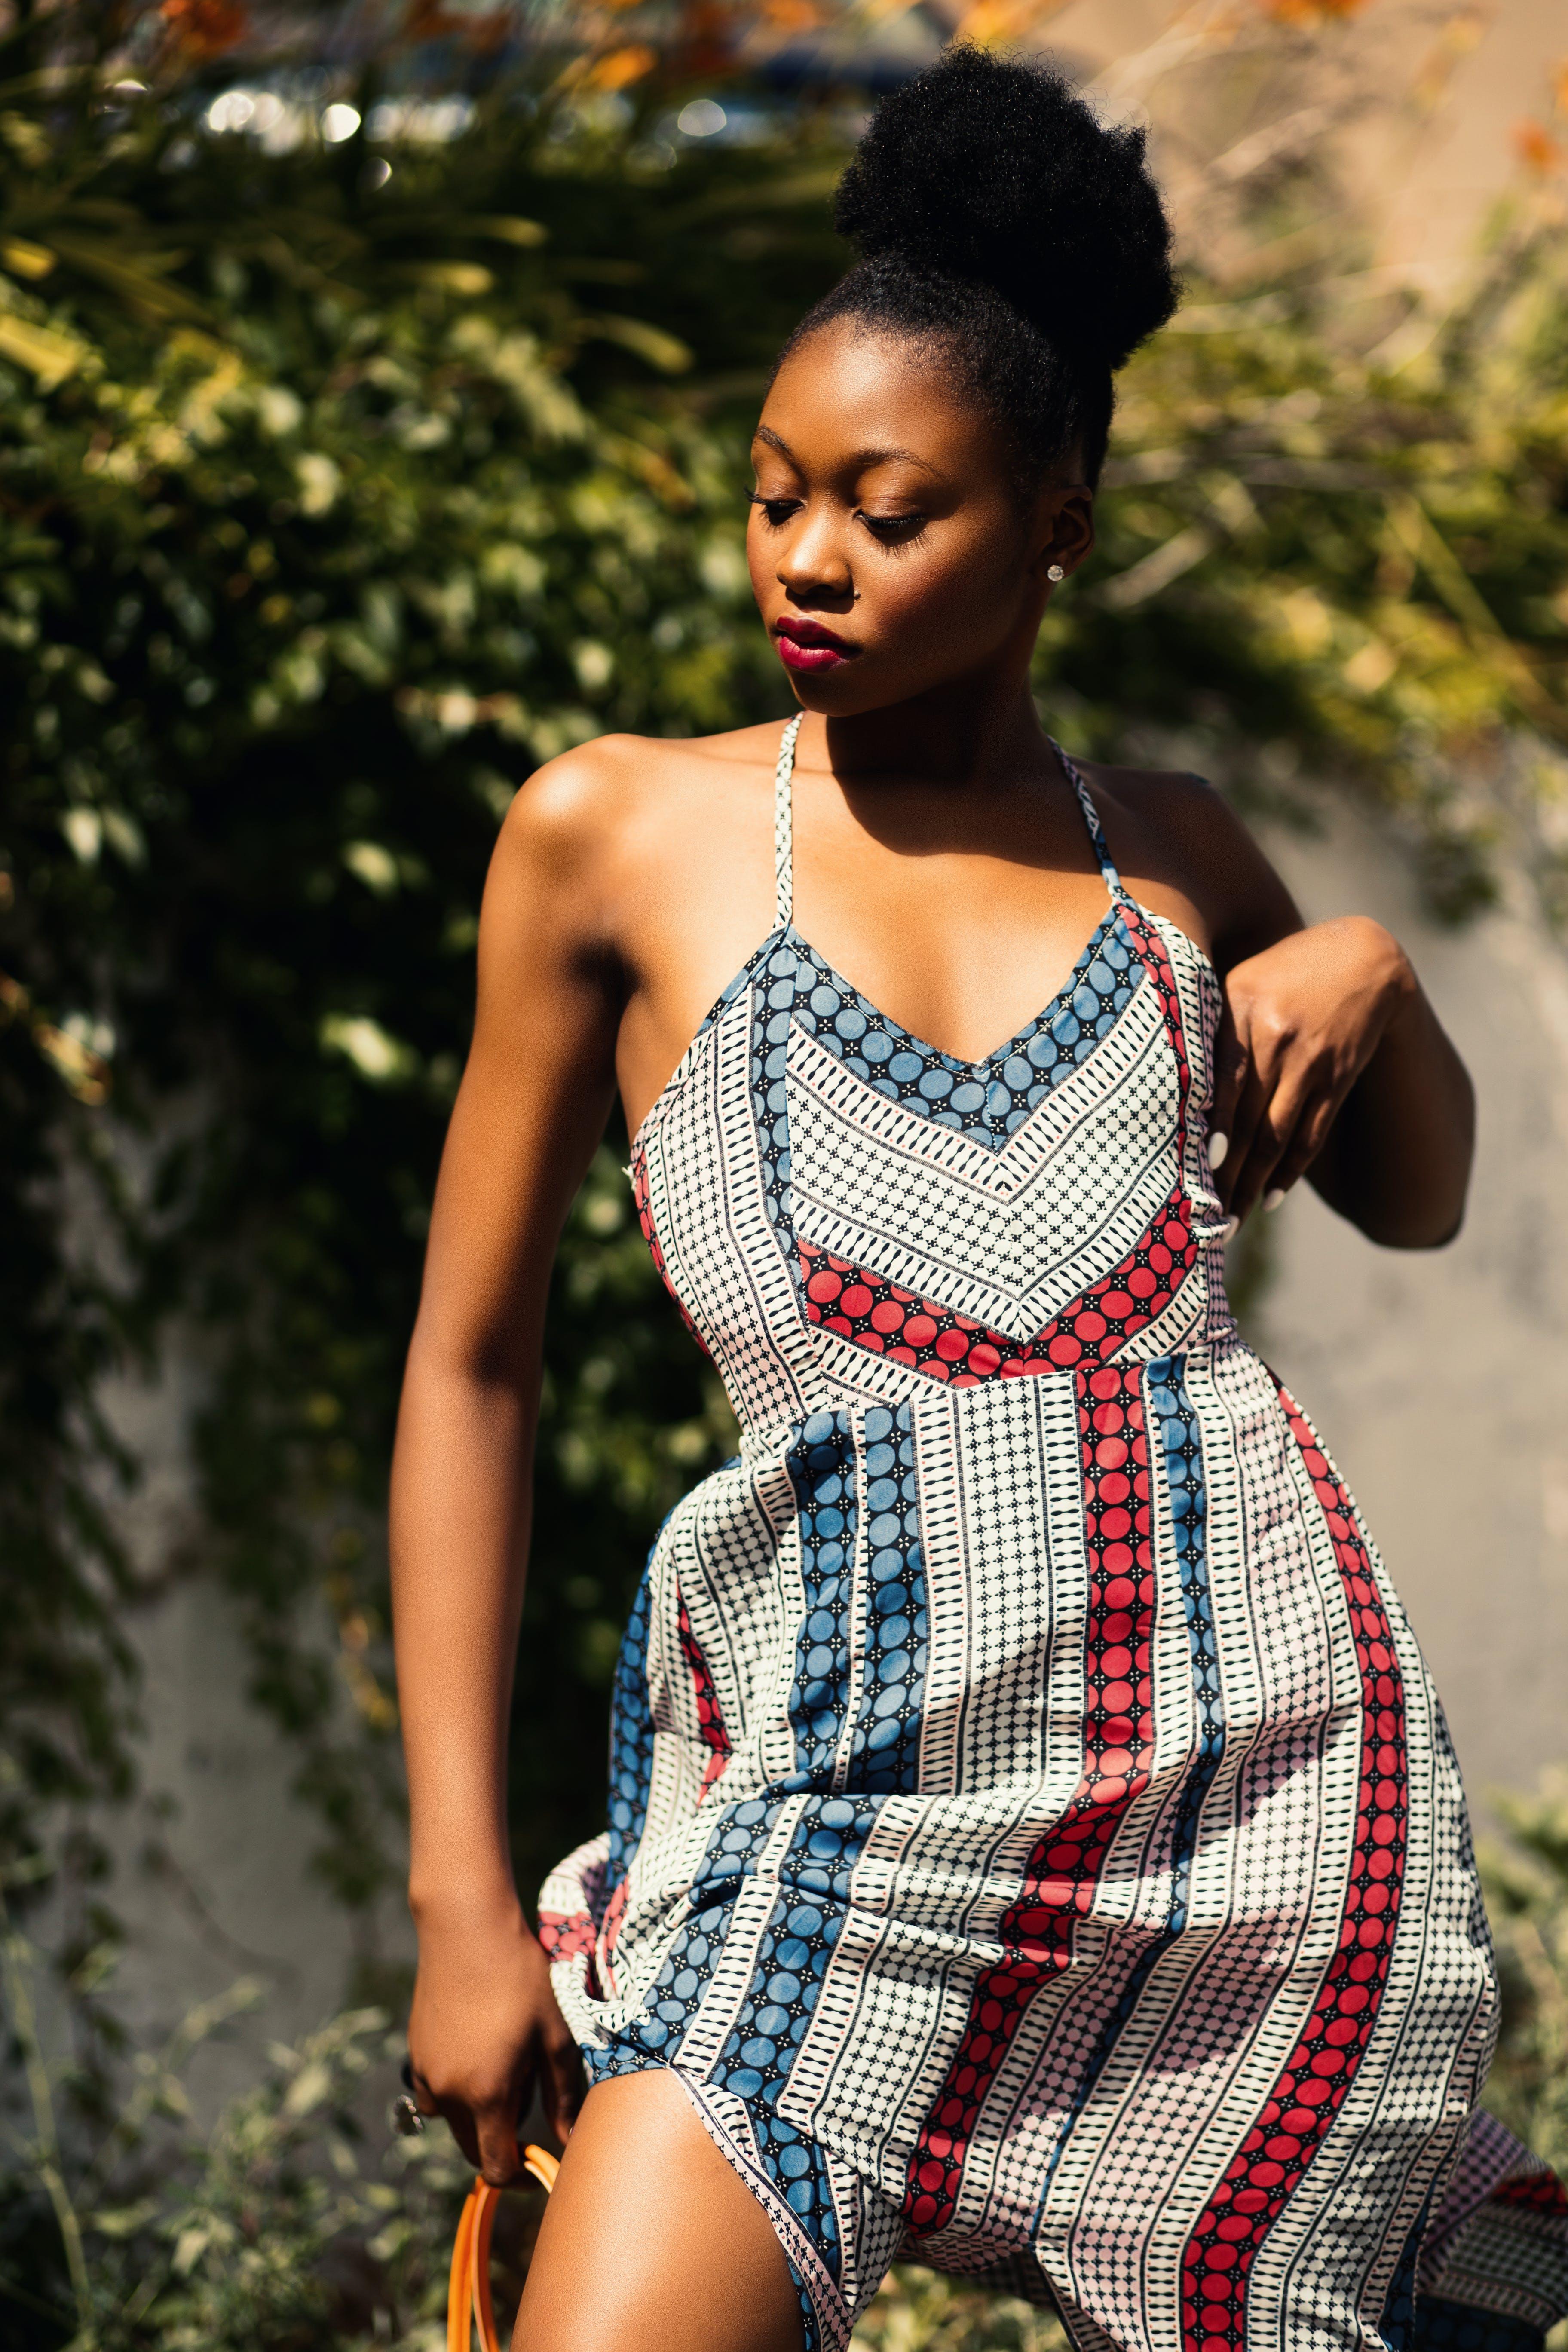 Photo of a Woman Wearing Spaghetti Strap Dress